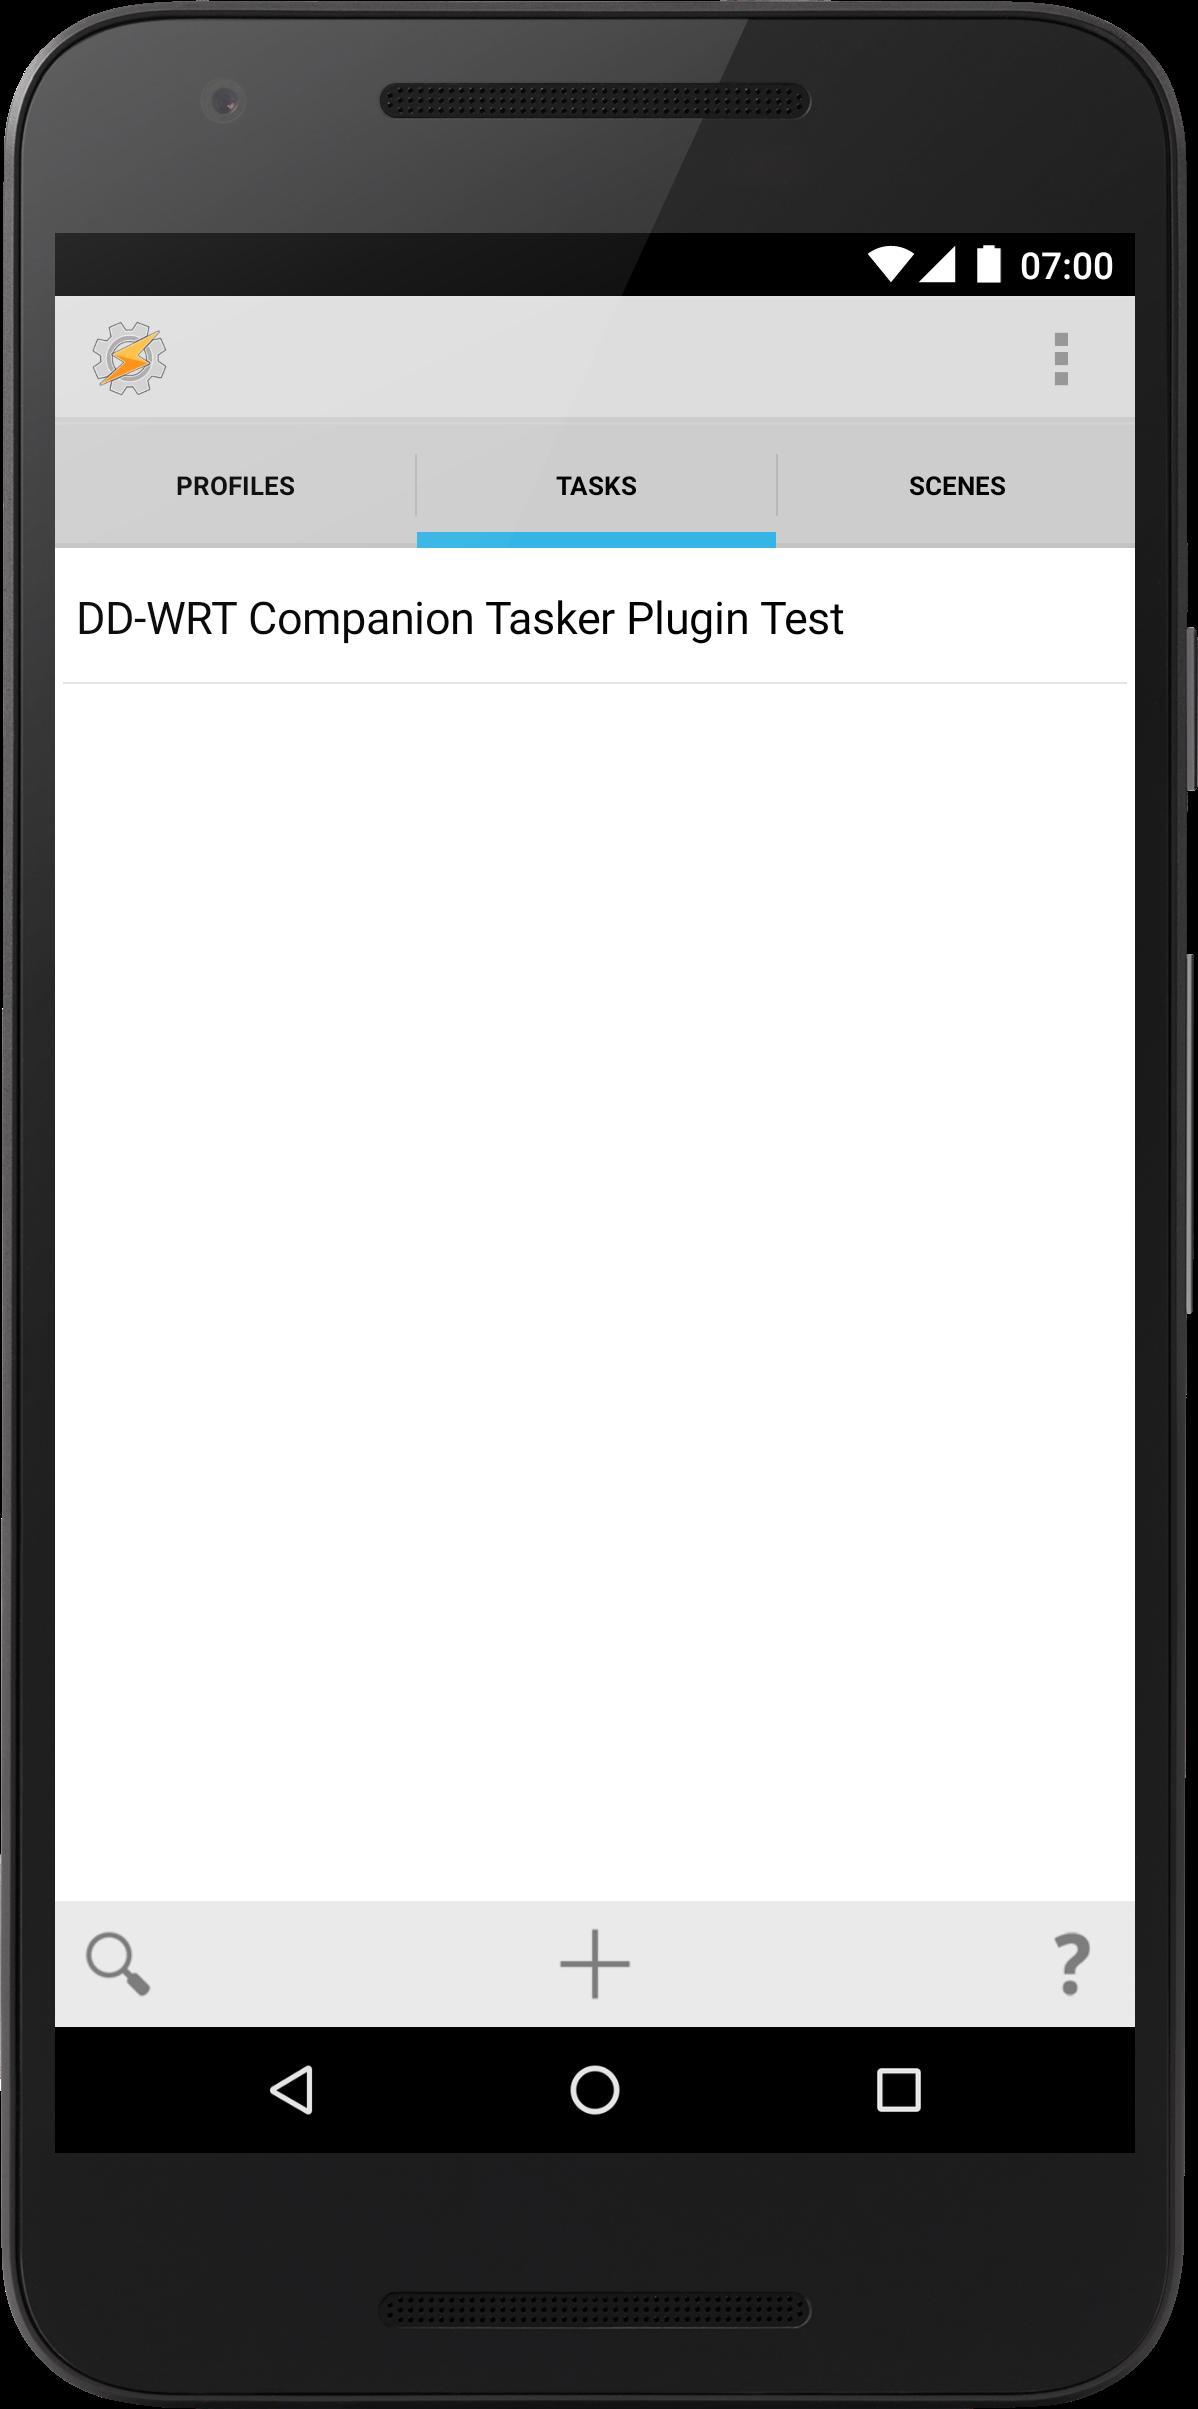 Task added to Tasker